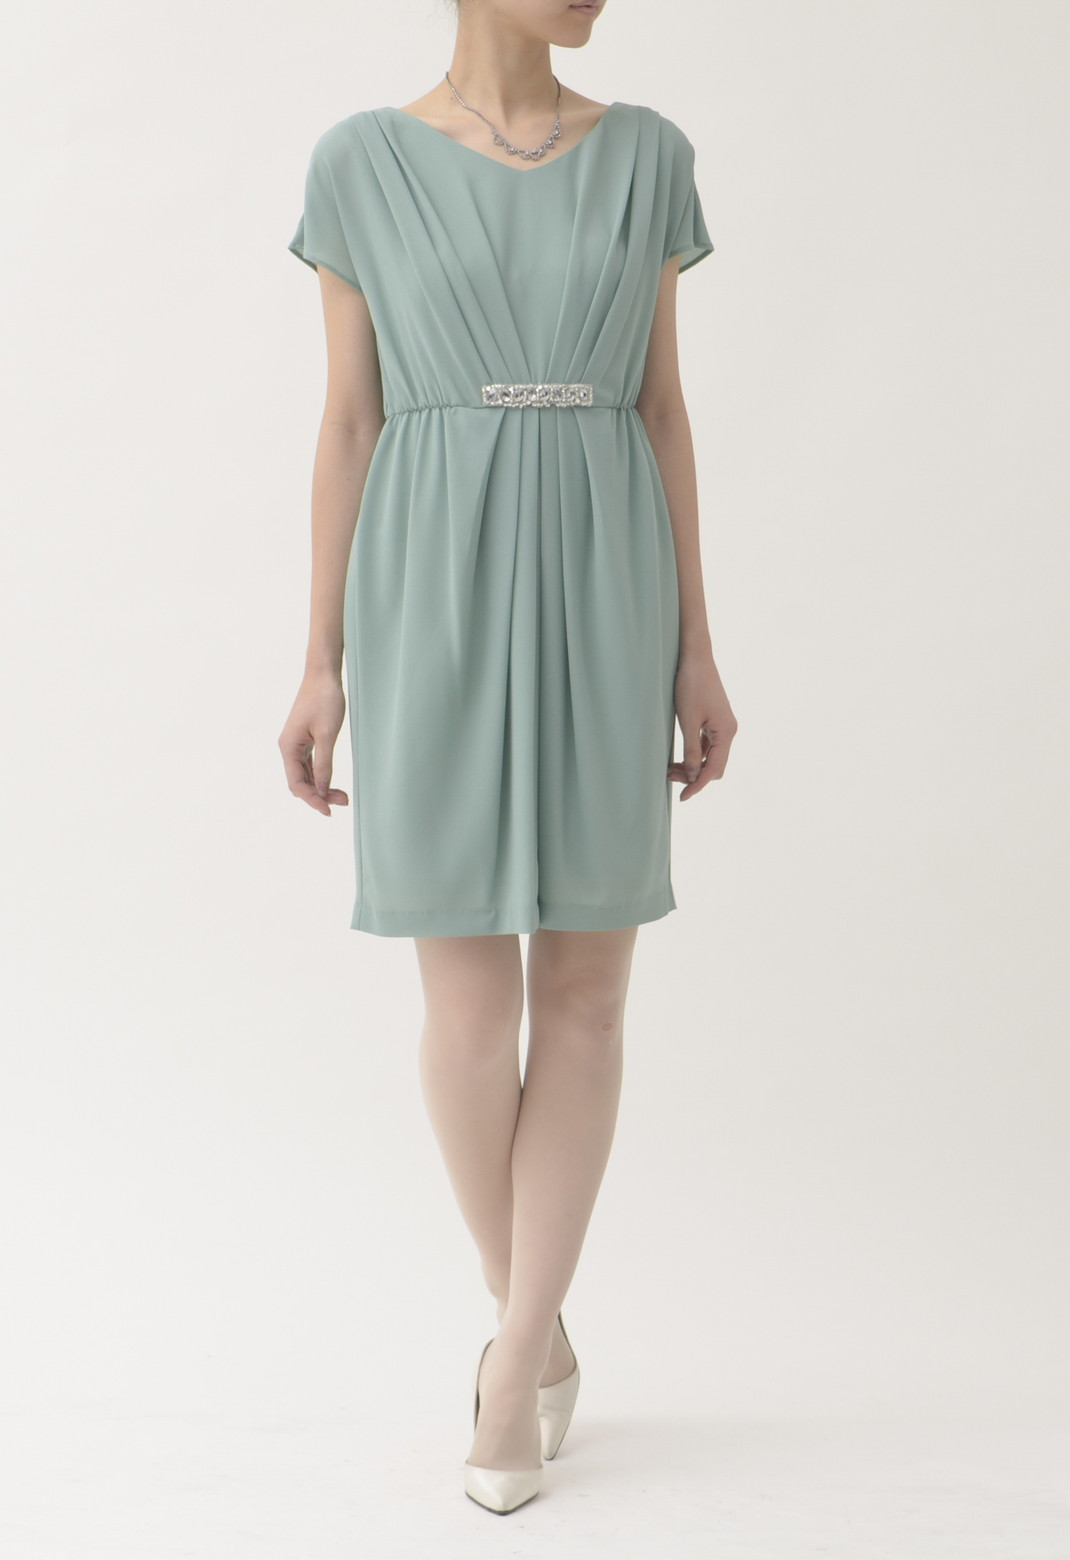 Vネック ウエストビジュー飾り 半袖 ドレス